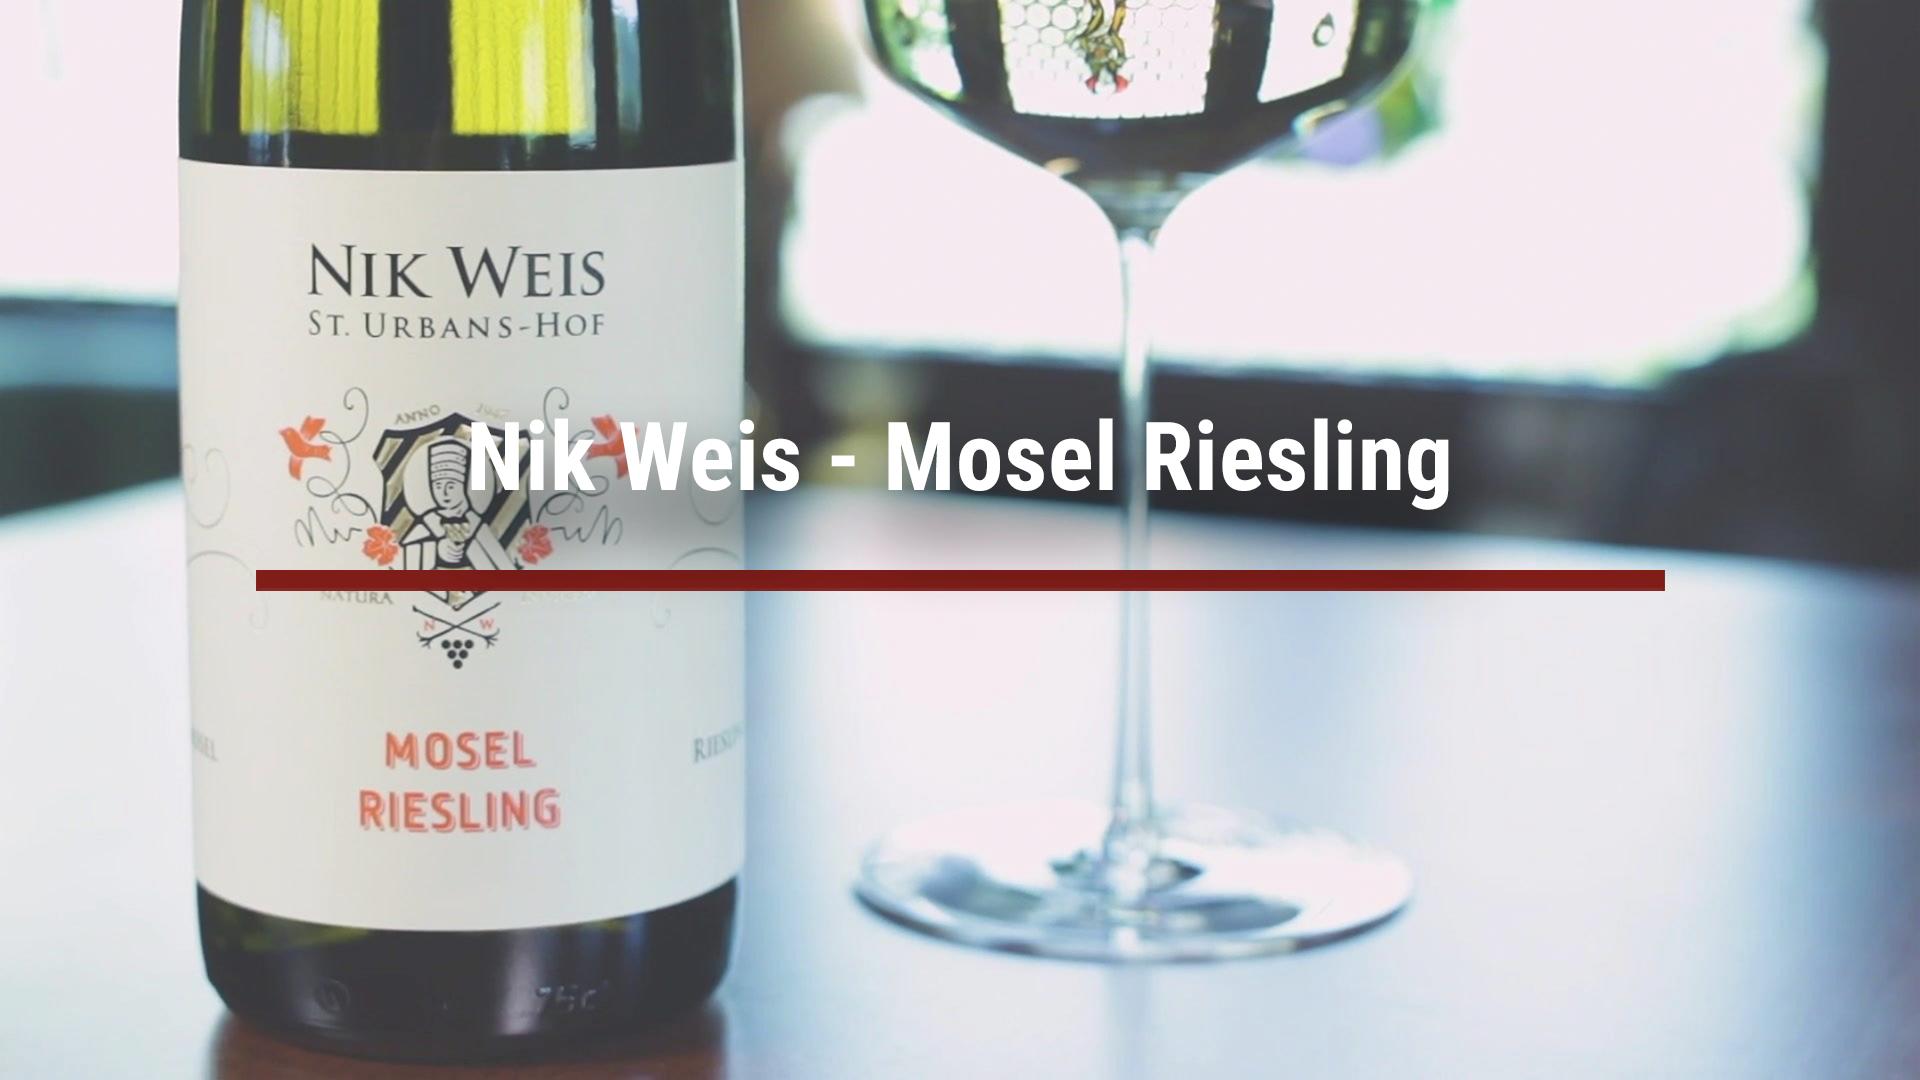 Nik Weis – Mosel Riesling